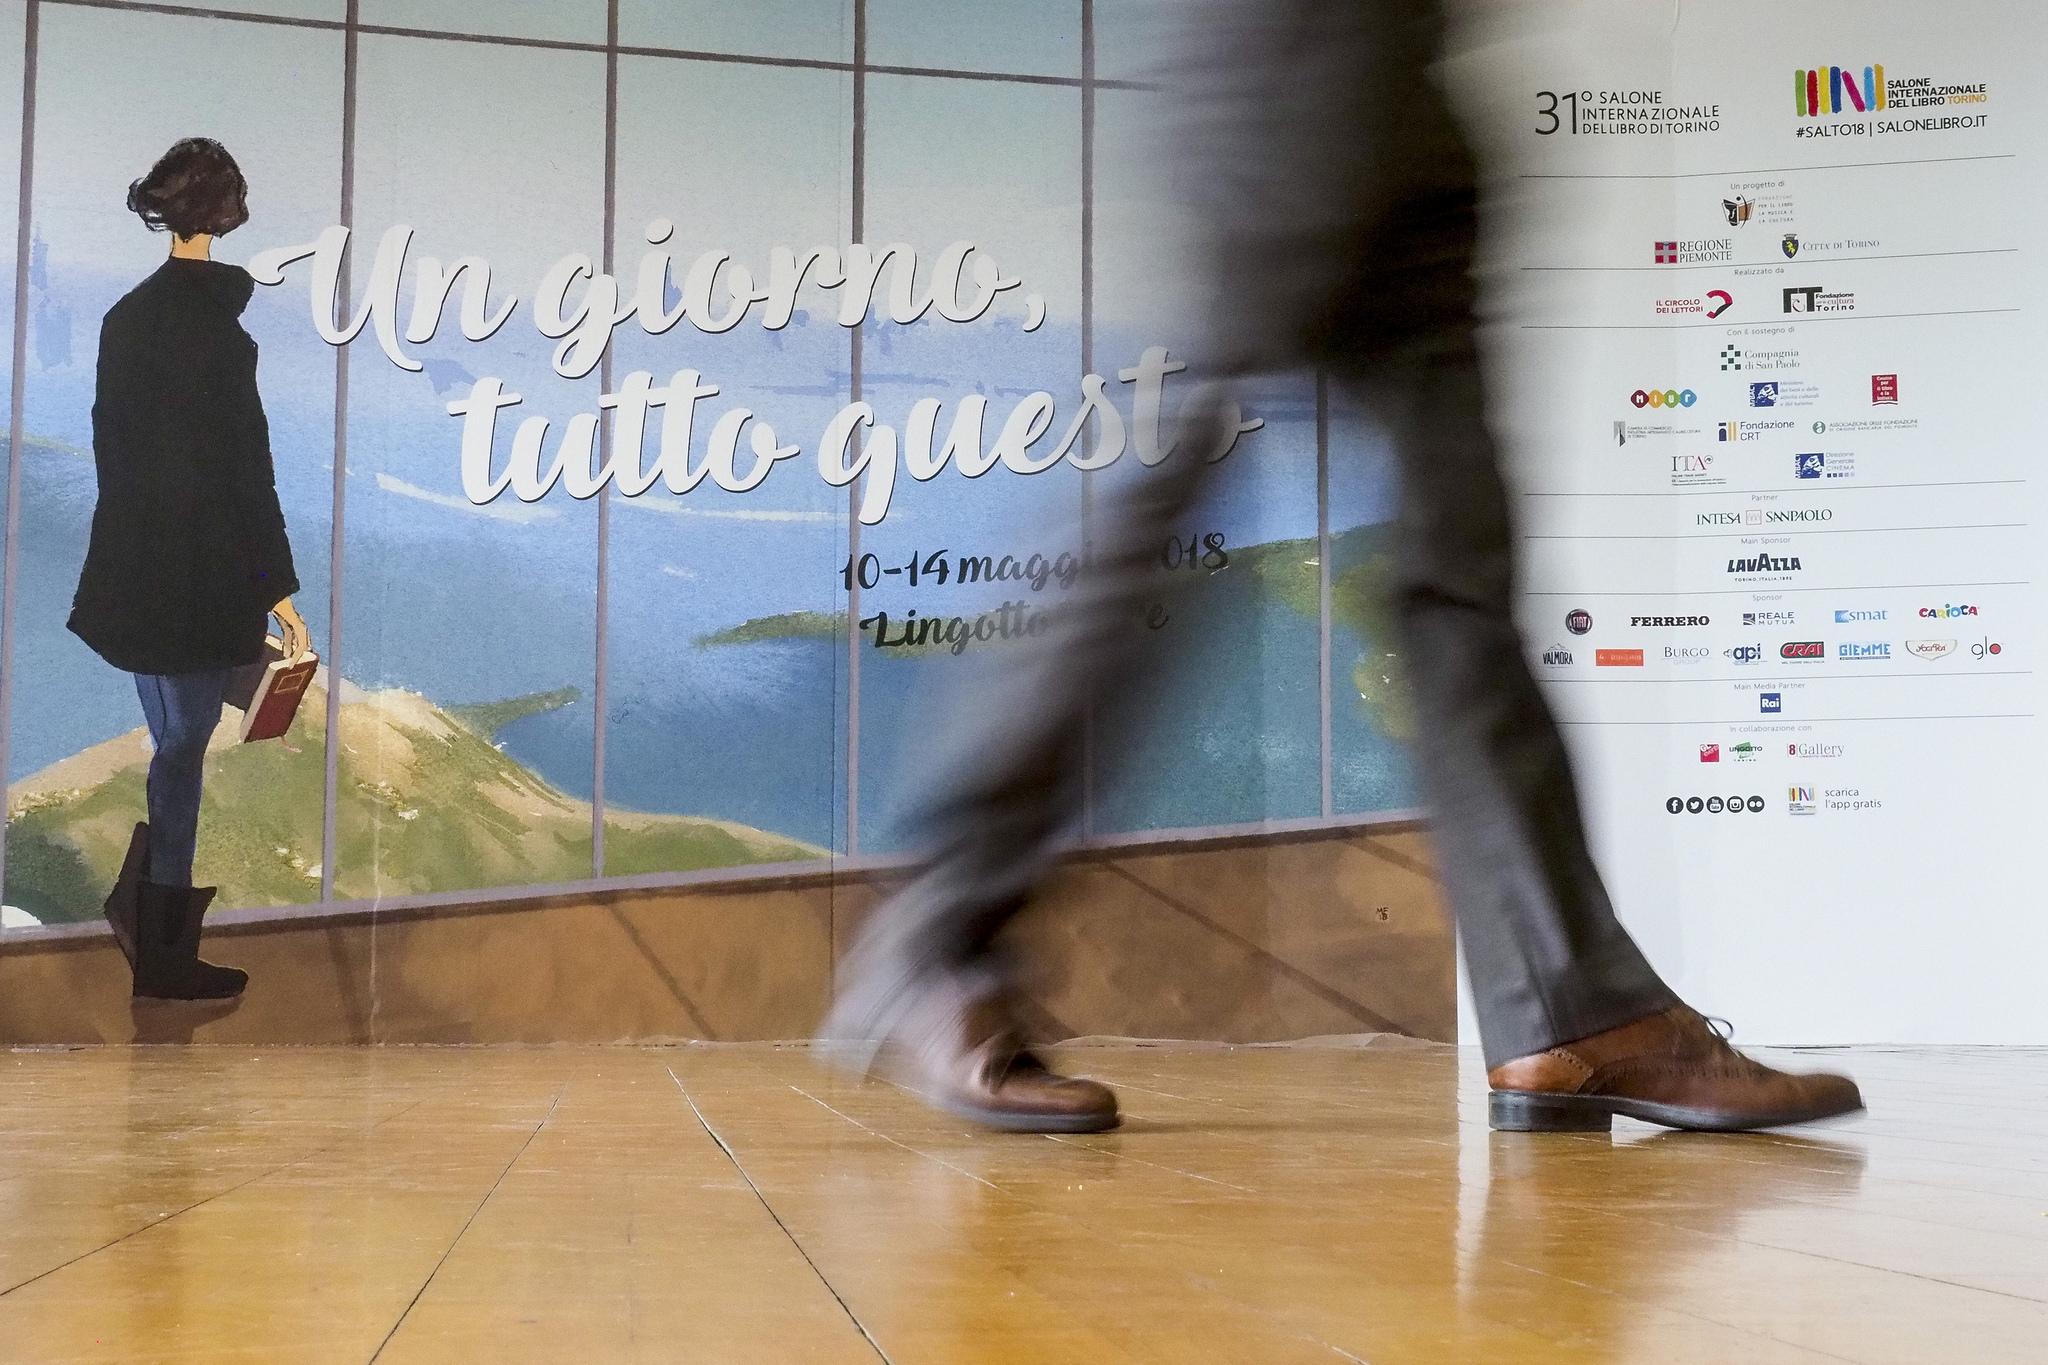 Salone del Libro 2018 Torino, Italia Salone del Libro, Giorno 4 mattino